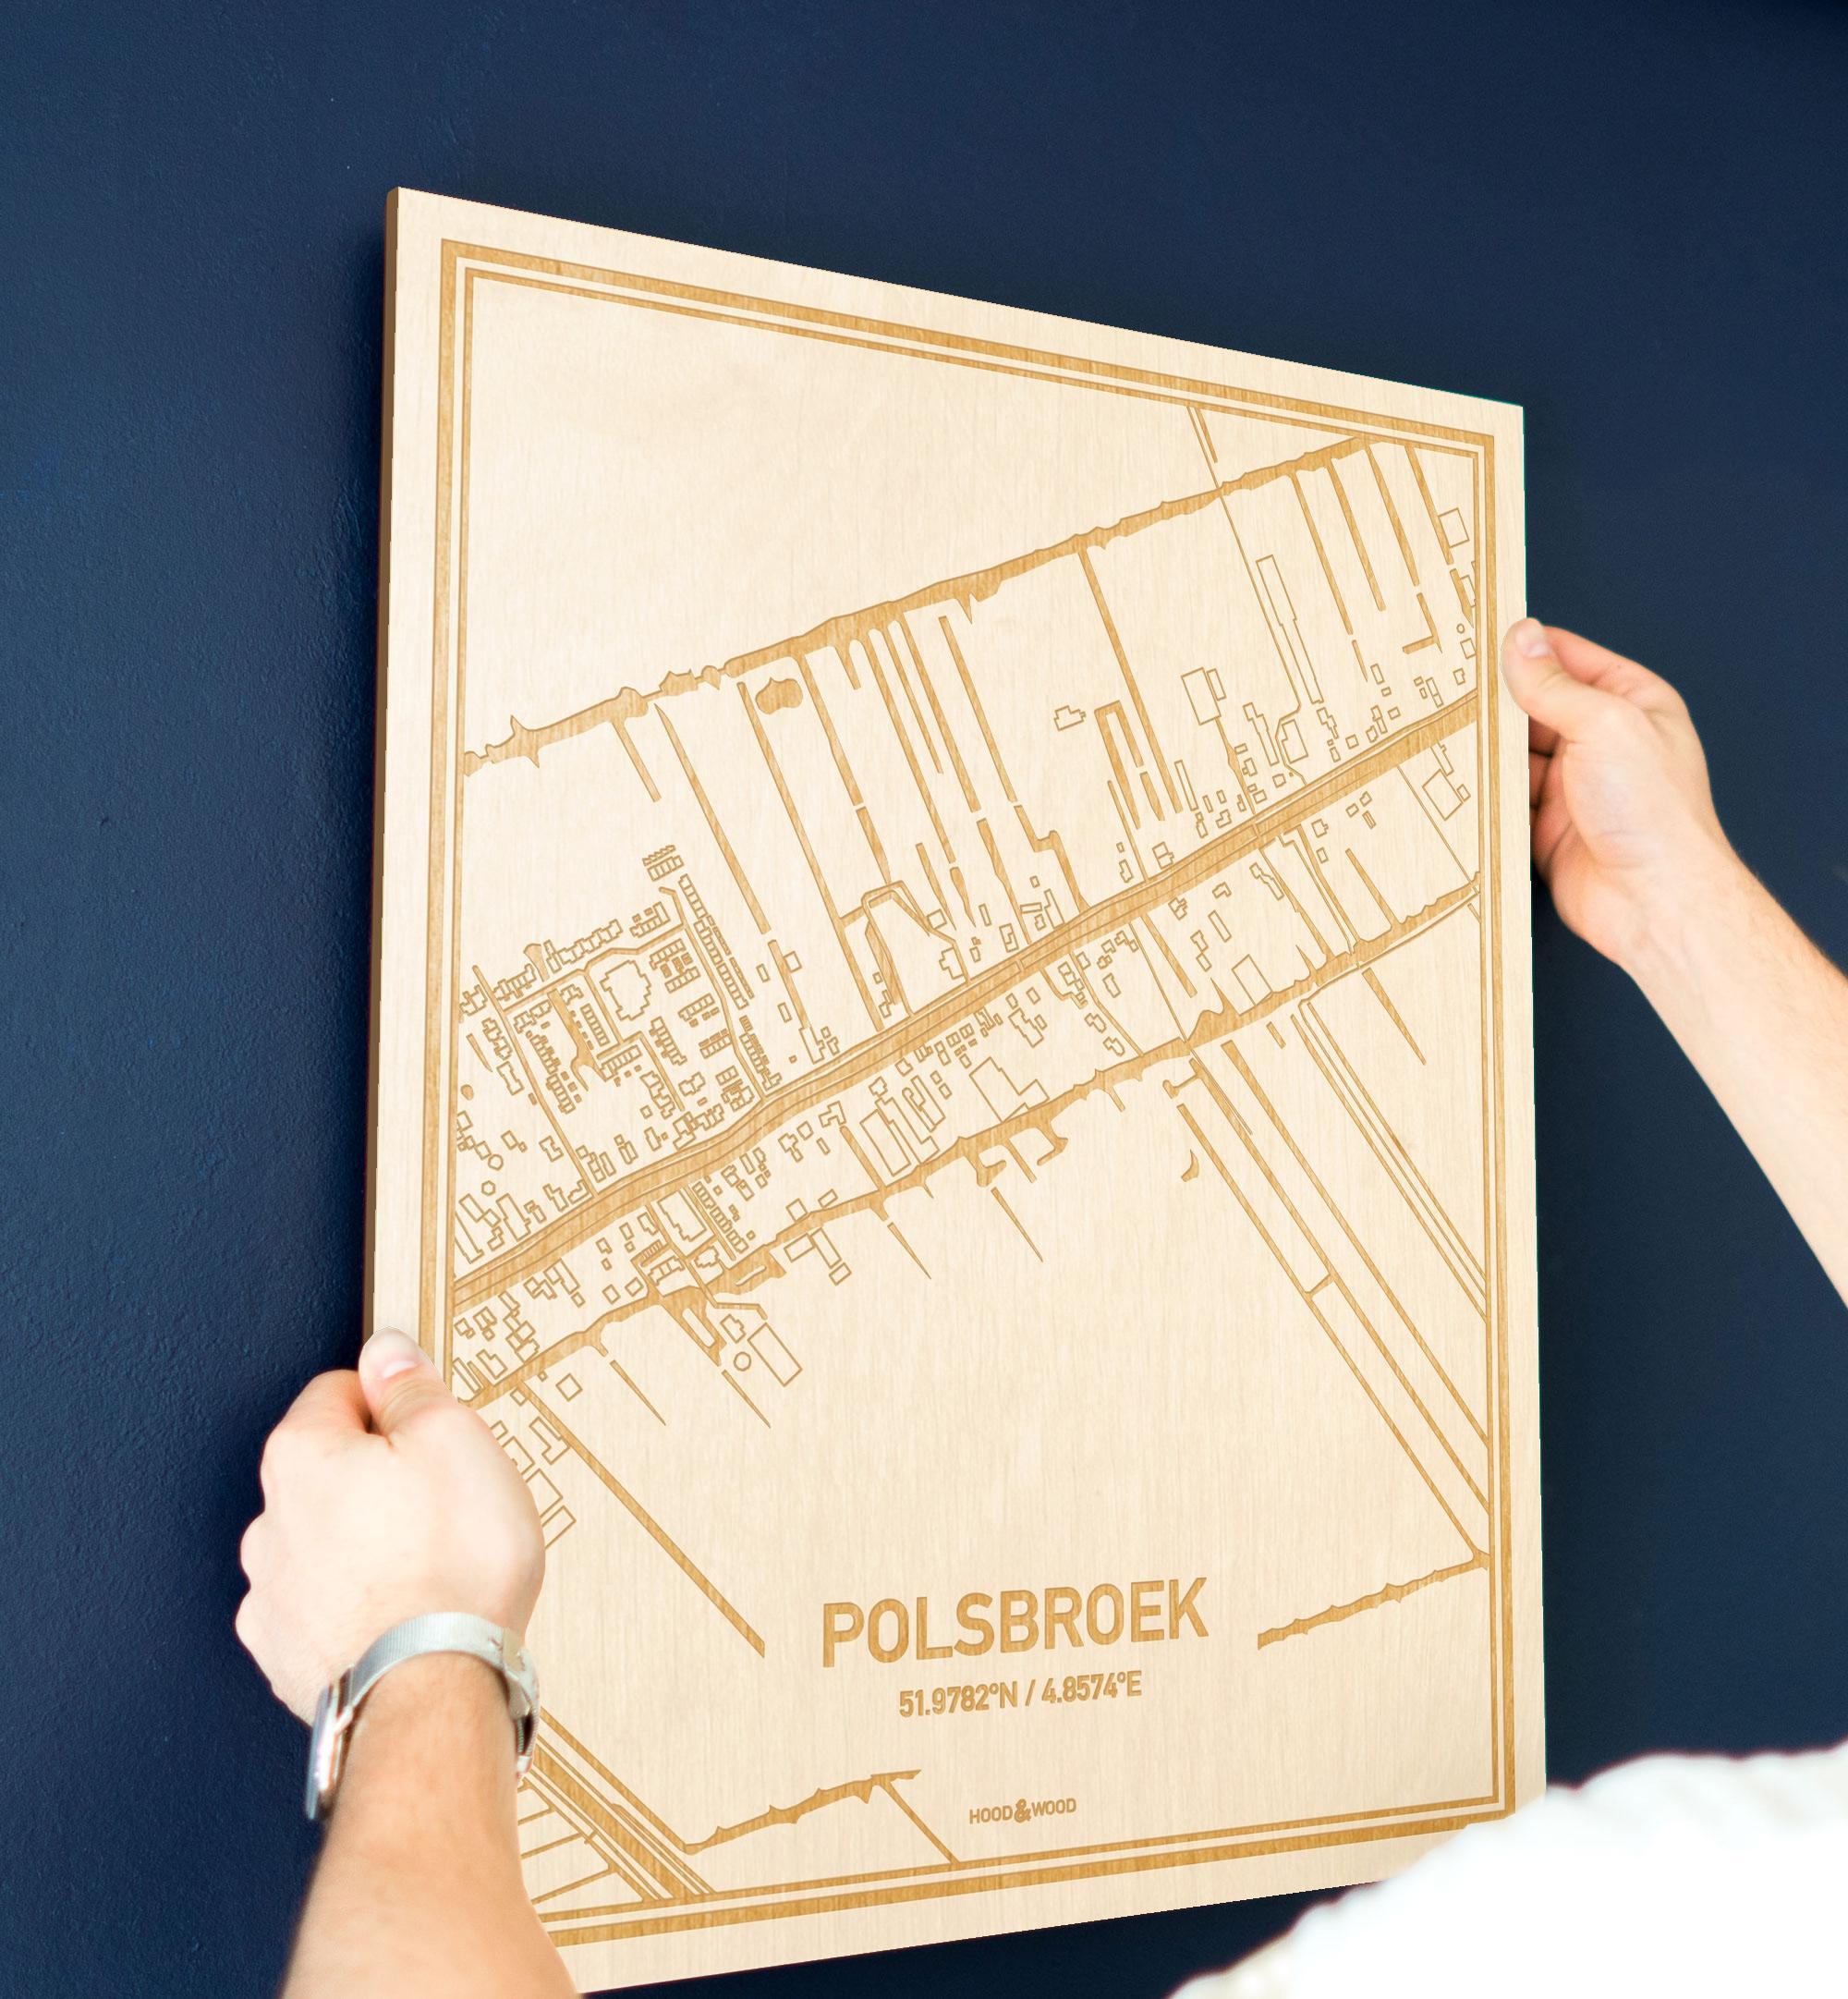 Een man hangt de houten plattegrond Polsbroek aan zijn blauwe muur ter decoratie. Je ziet alleen zijn handen de kaart van deze bijzondere in Utrecht vasthouden.